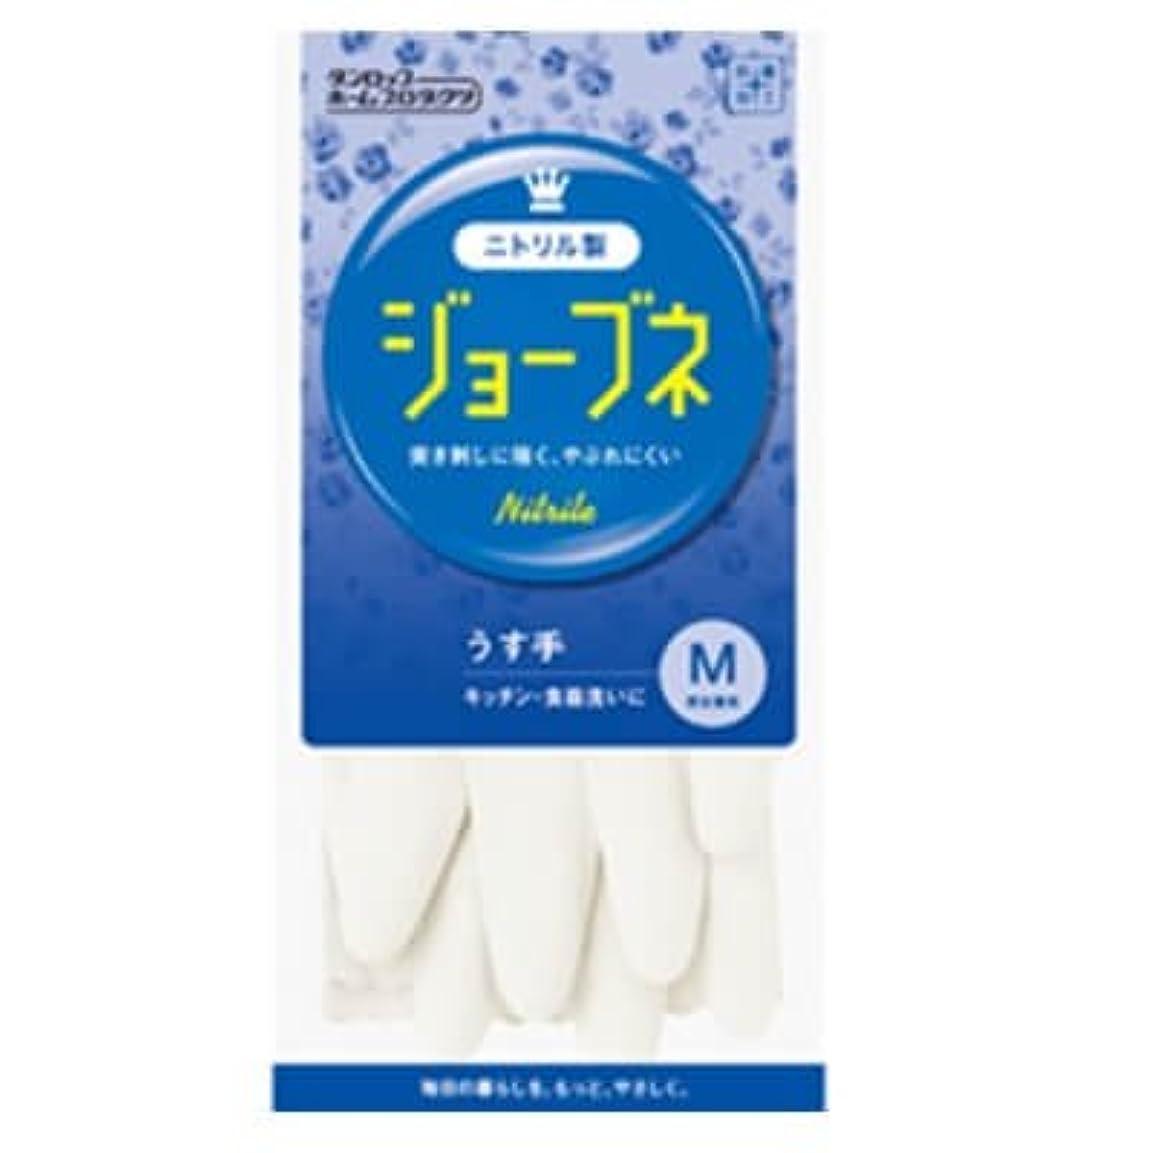 エクスタシー難破船フォーム【ケース販売】 ダンロップ ジョーブネ うす手 M ホワイト (10双×24袋)